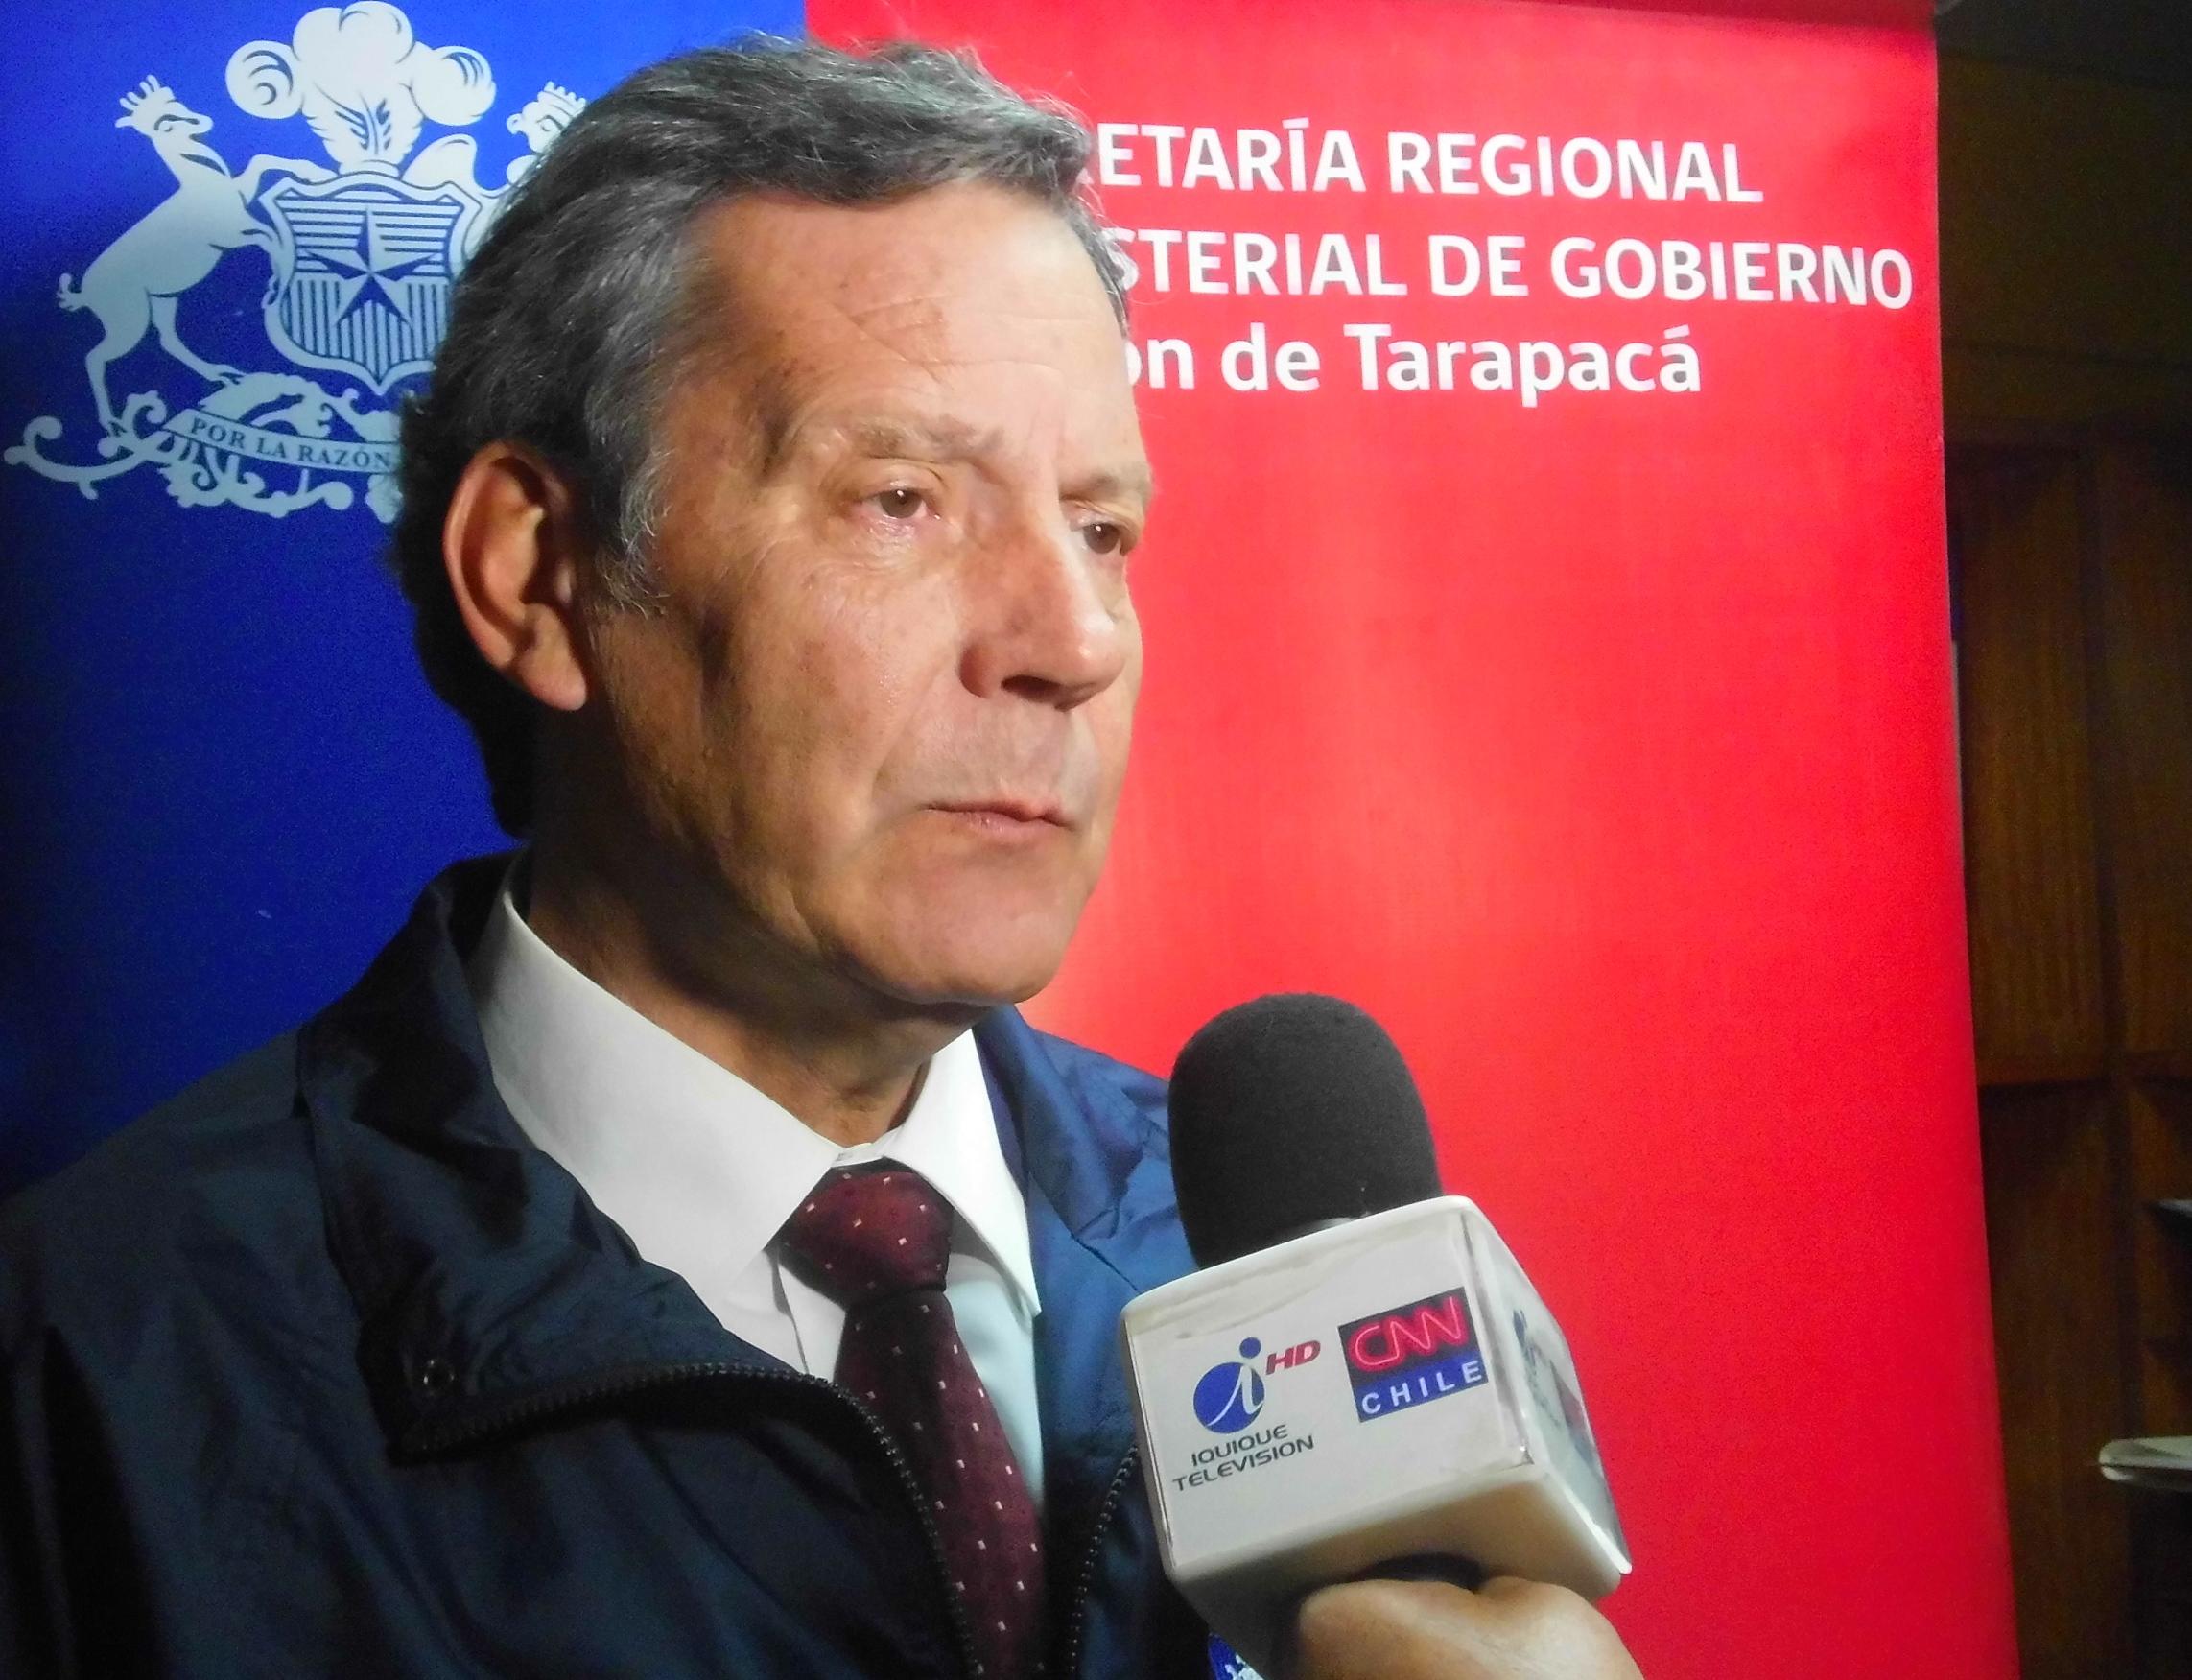 """Seremi de Gobierno llama a conductores a ser responsables tras entrada en vigencia de la """"Ley Emilia"""""""